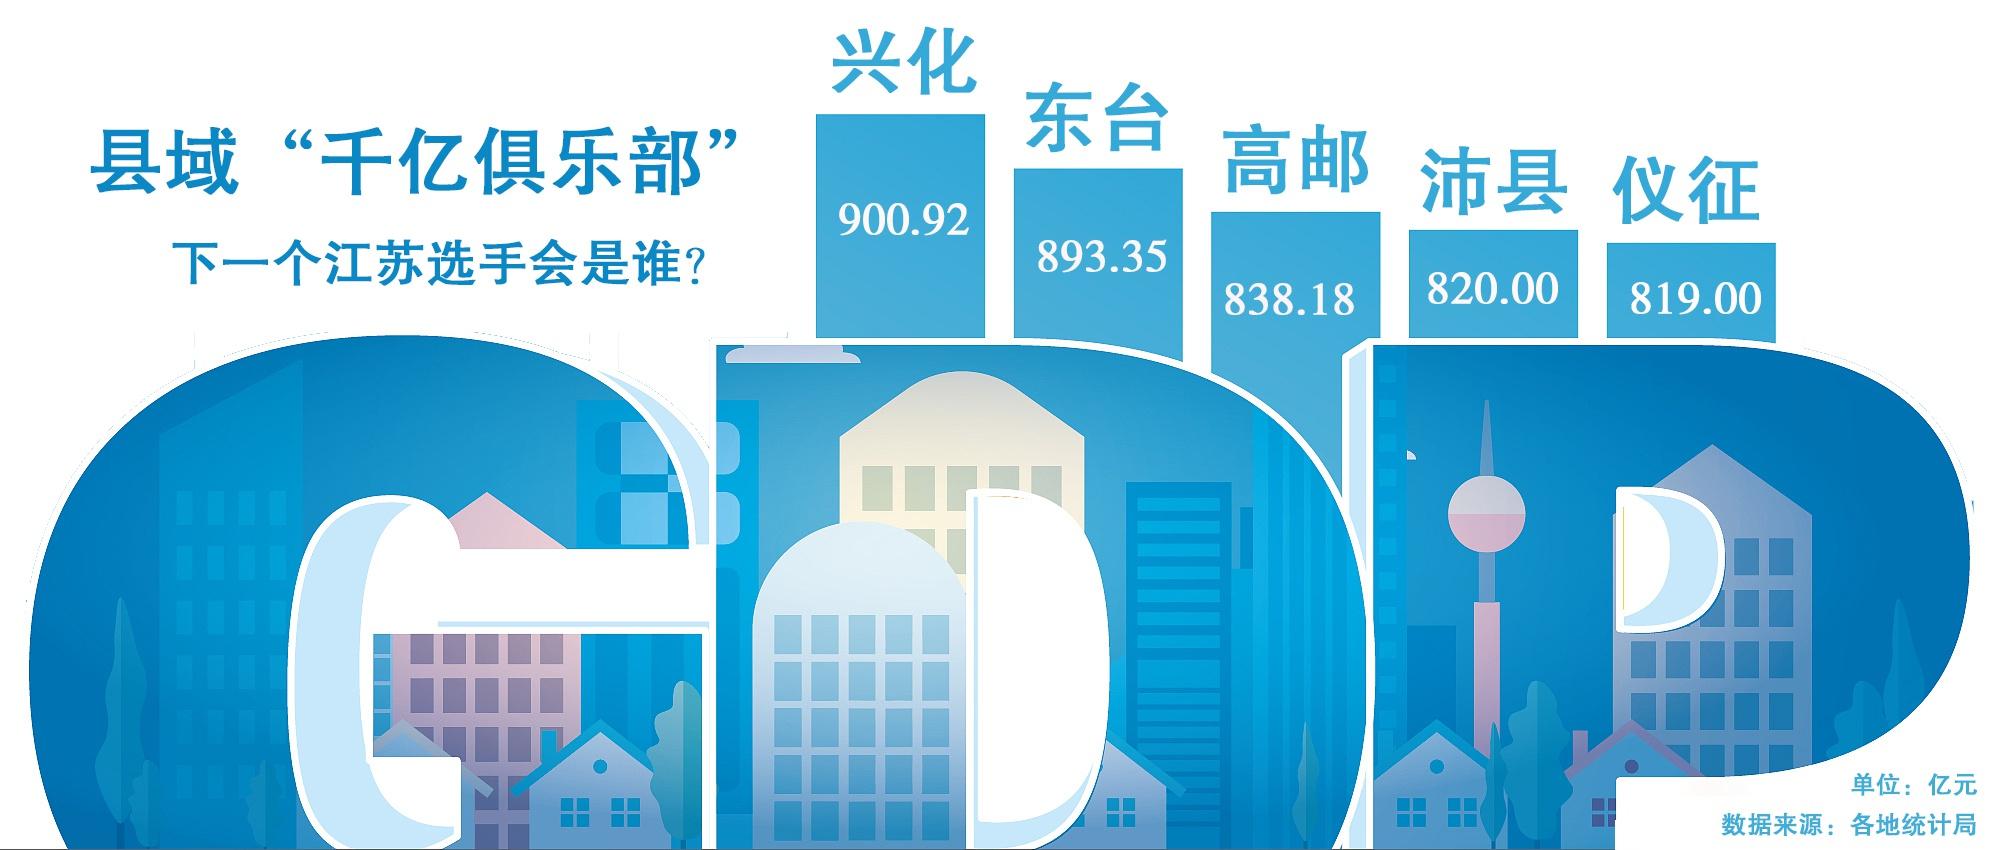 """三地成功晋级之后,江苏县域""""千亿俱乐部""""是否还有空间?"""